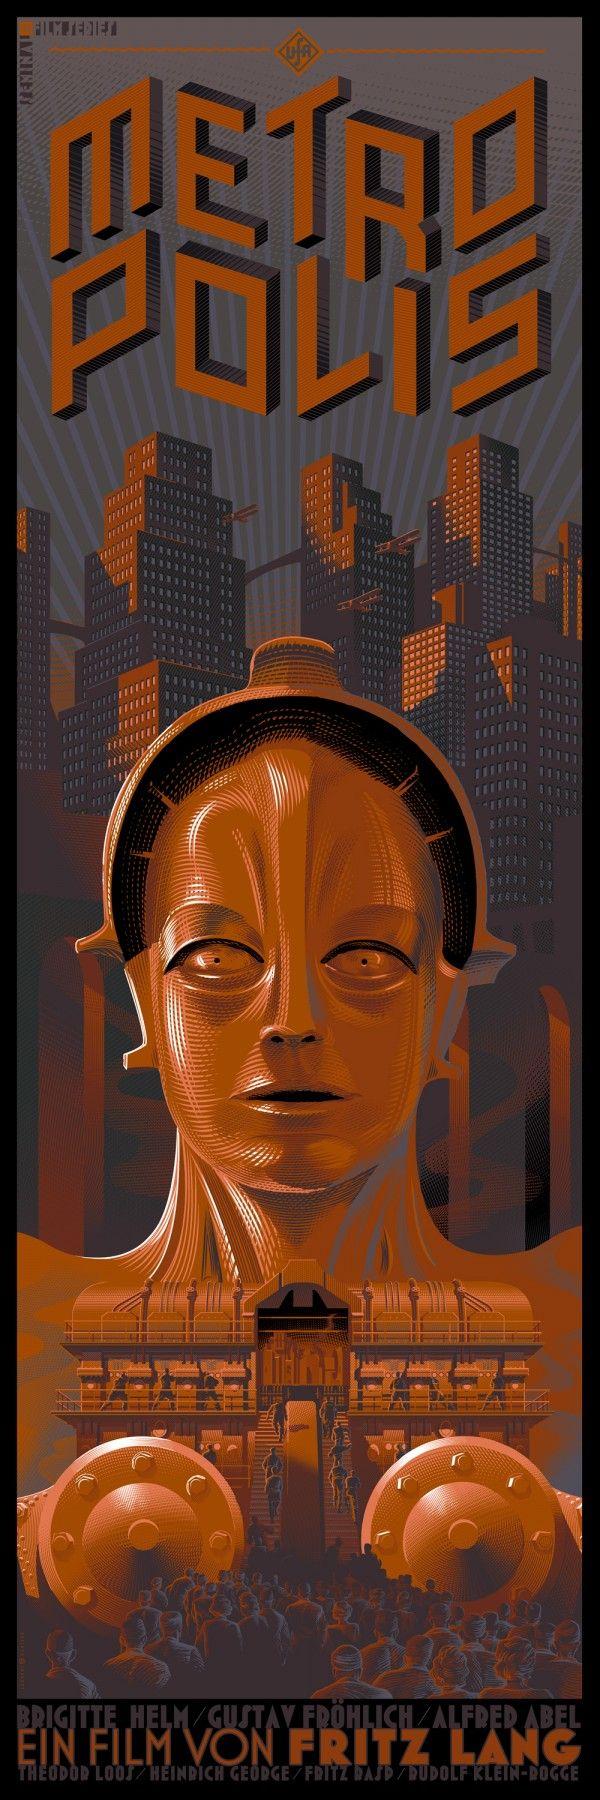 Laurent Durieux, 'Metropolis'-Alternate Edition.